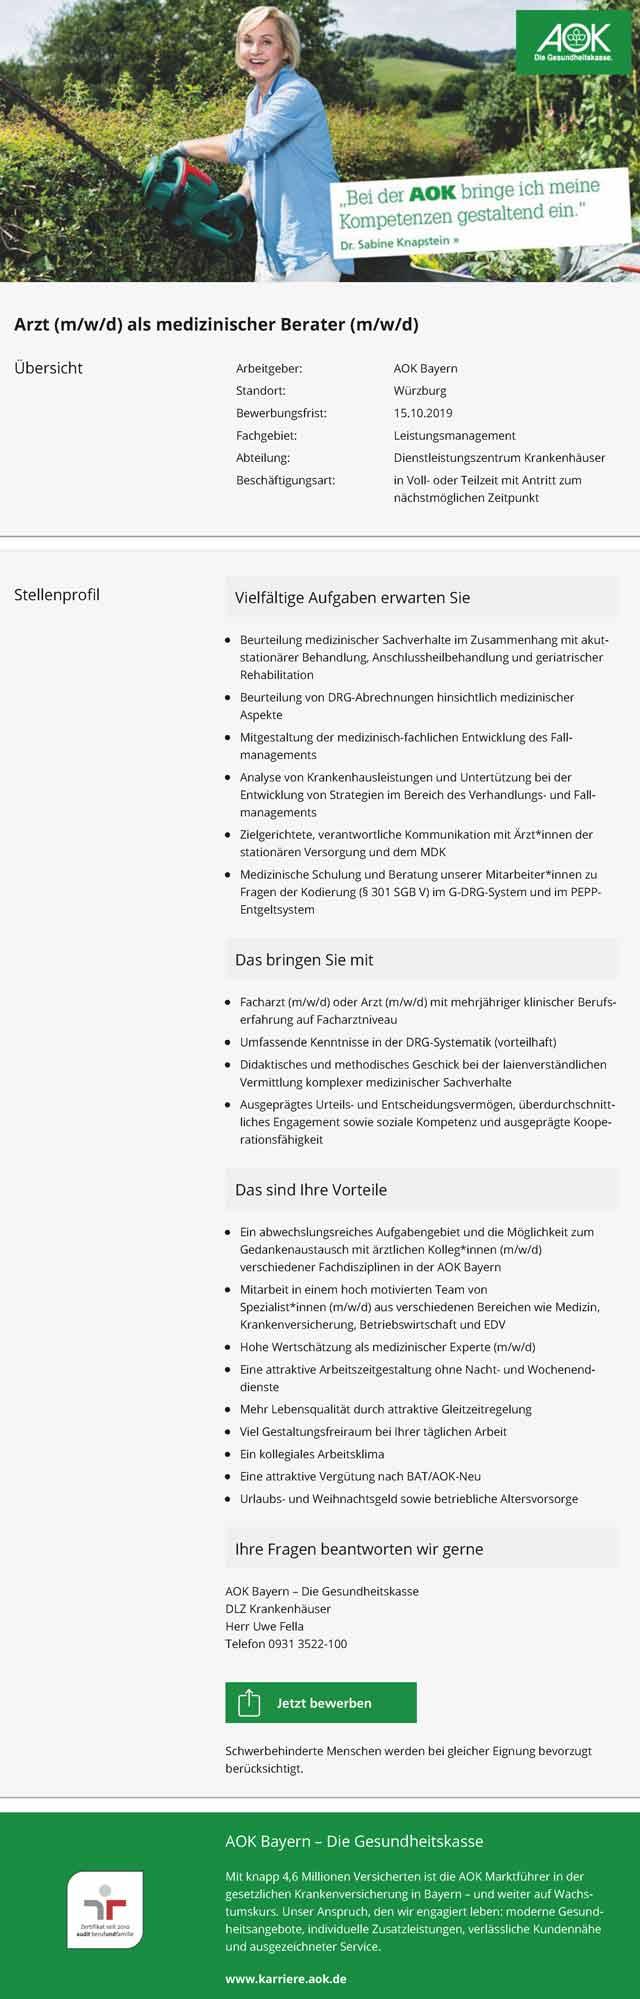 AOK Bayern: Arzt als medizinischer Berater (m/w/d)